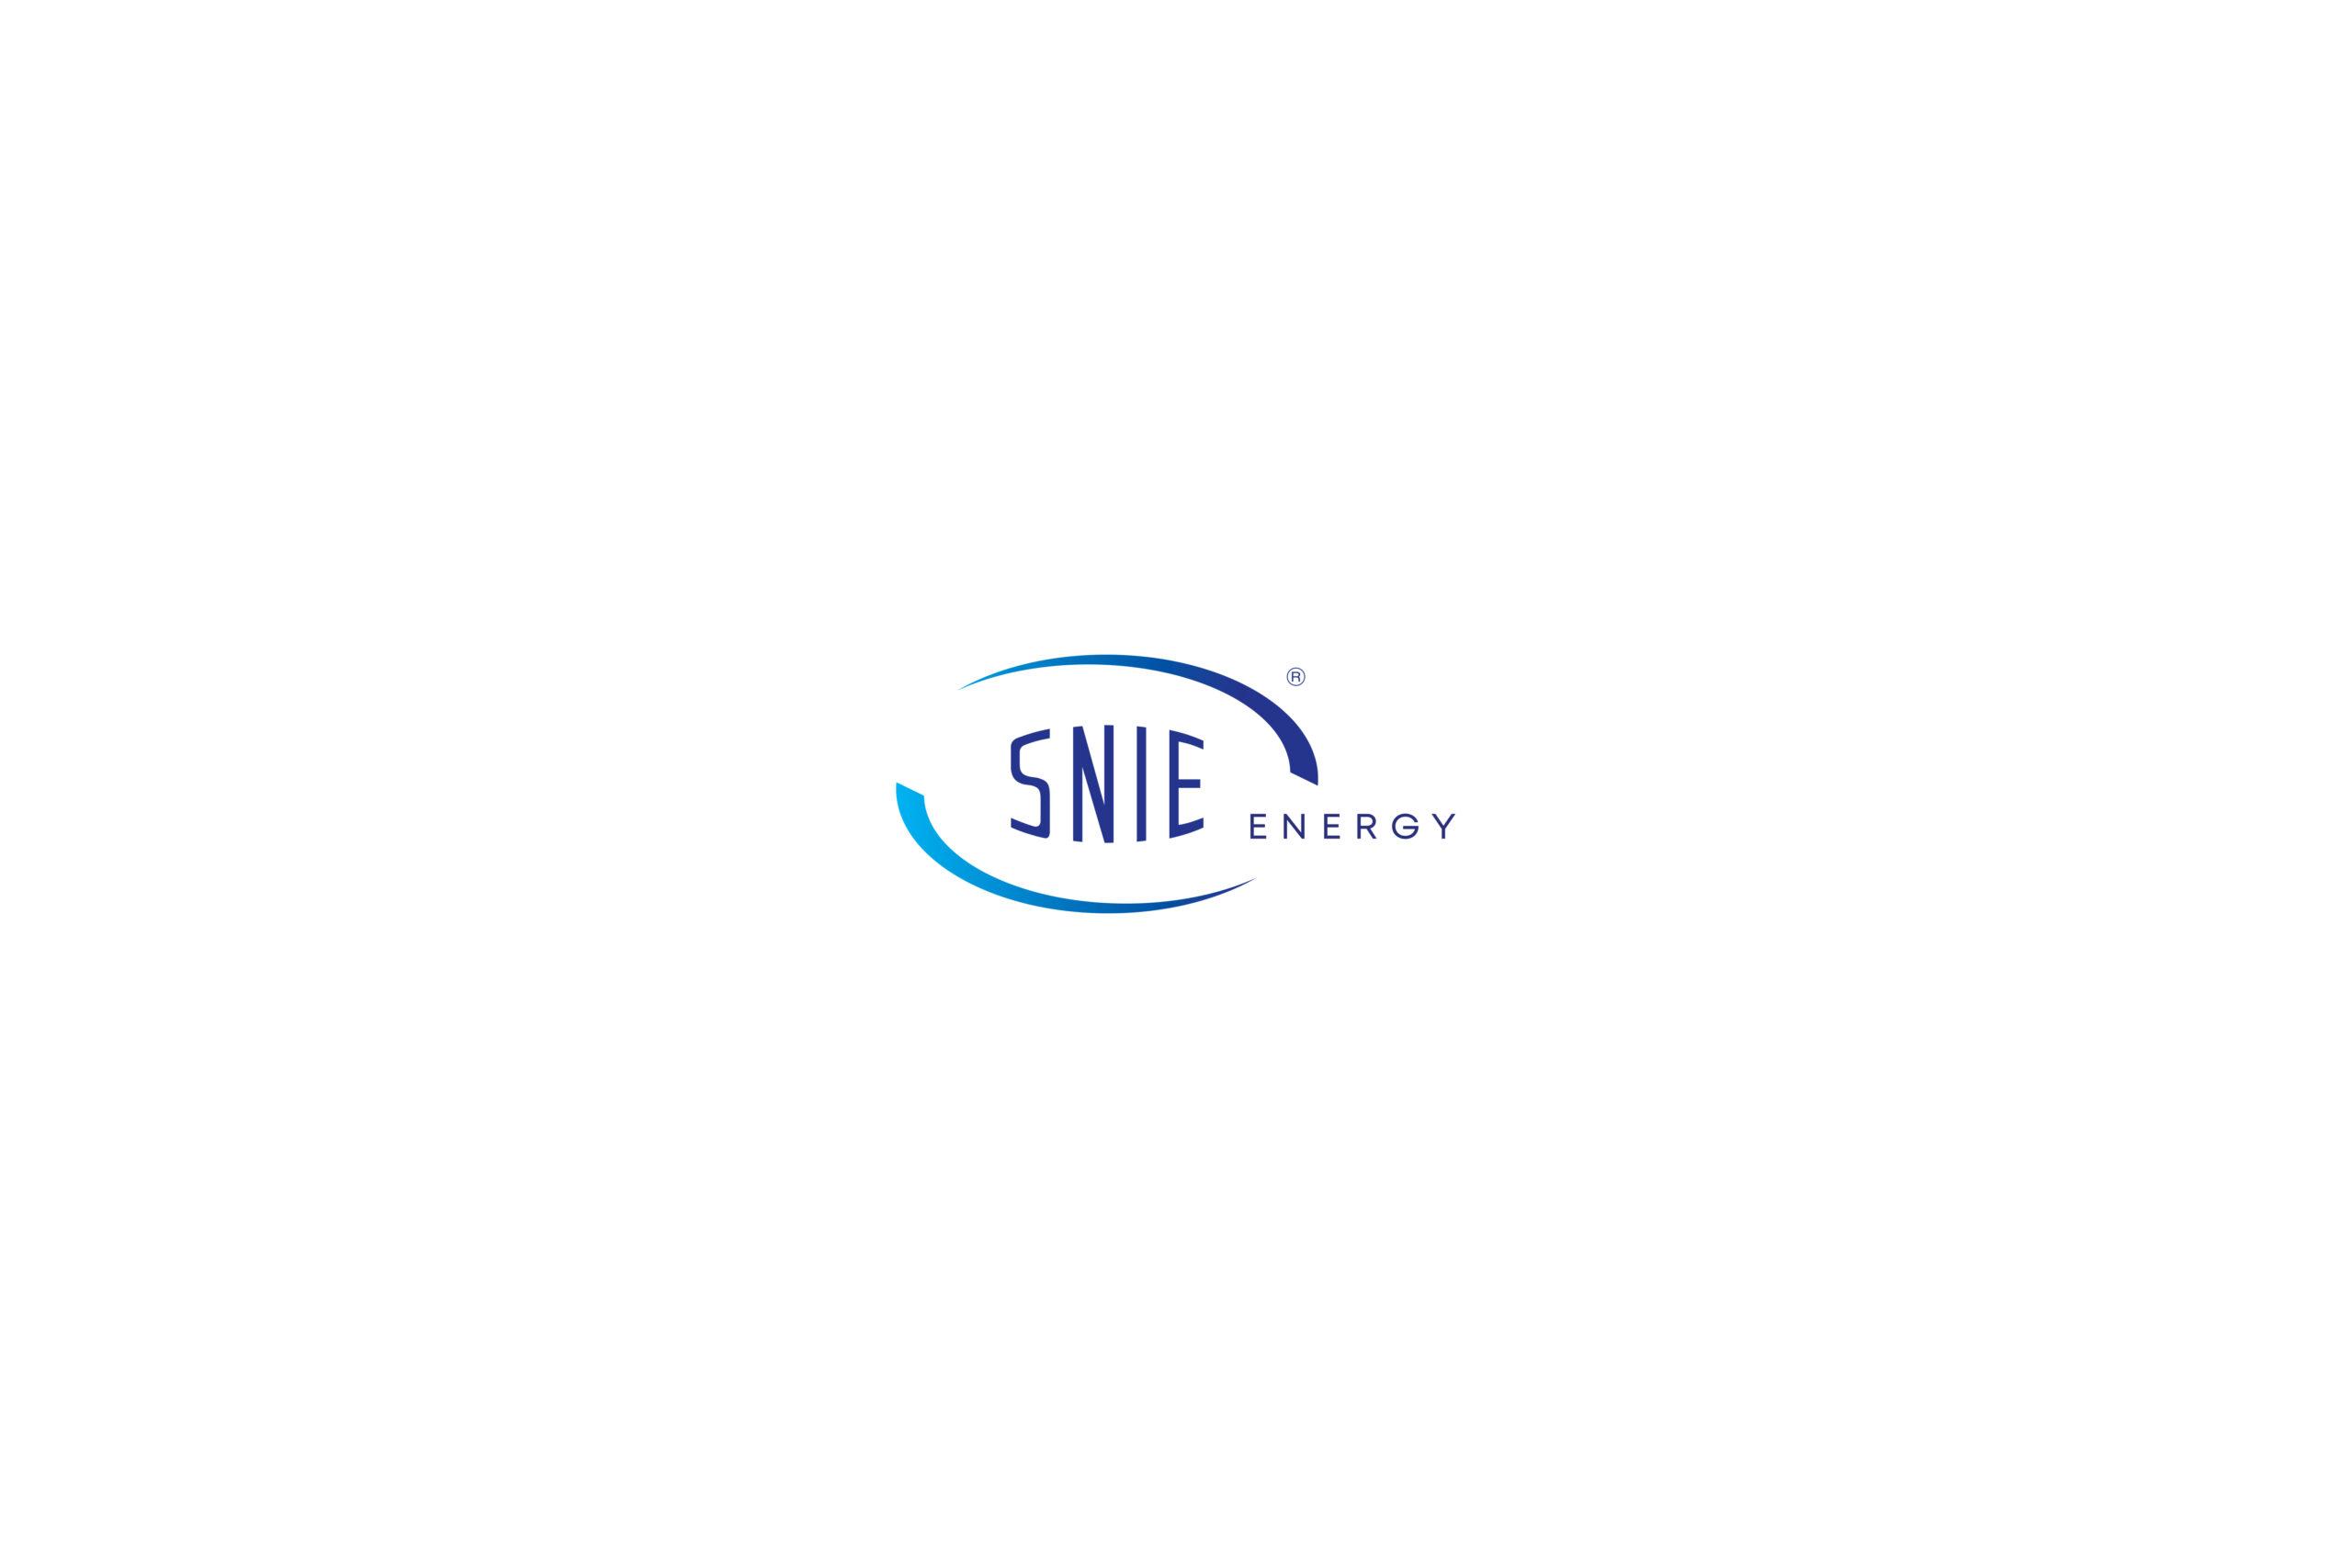 Snie Energy